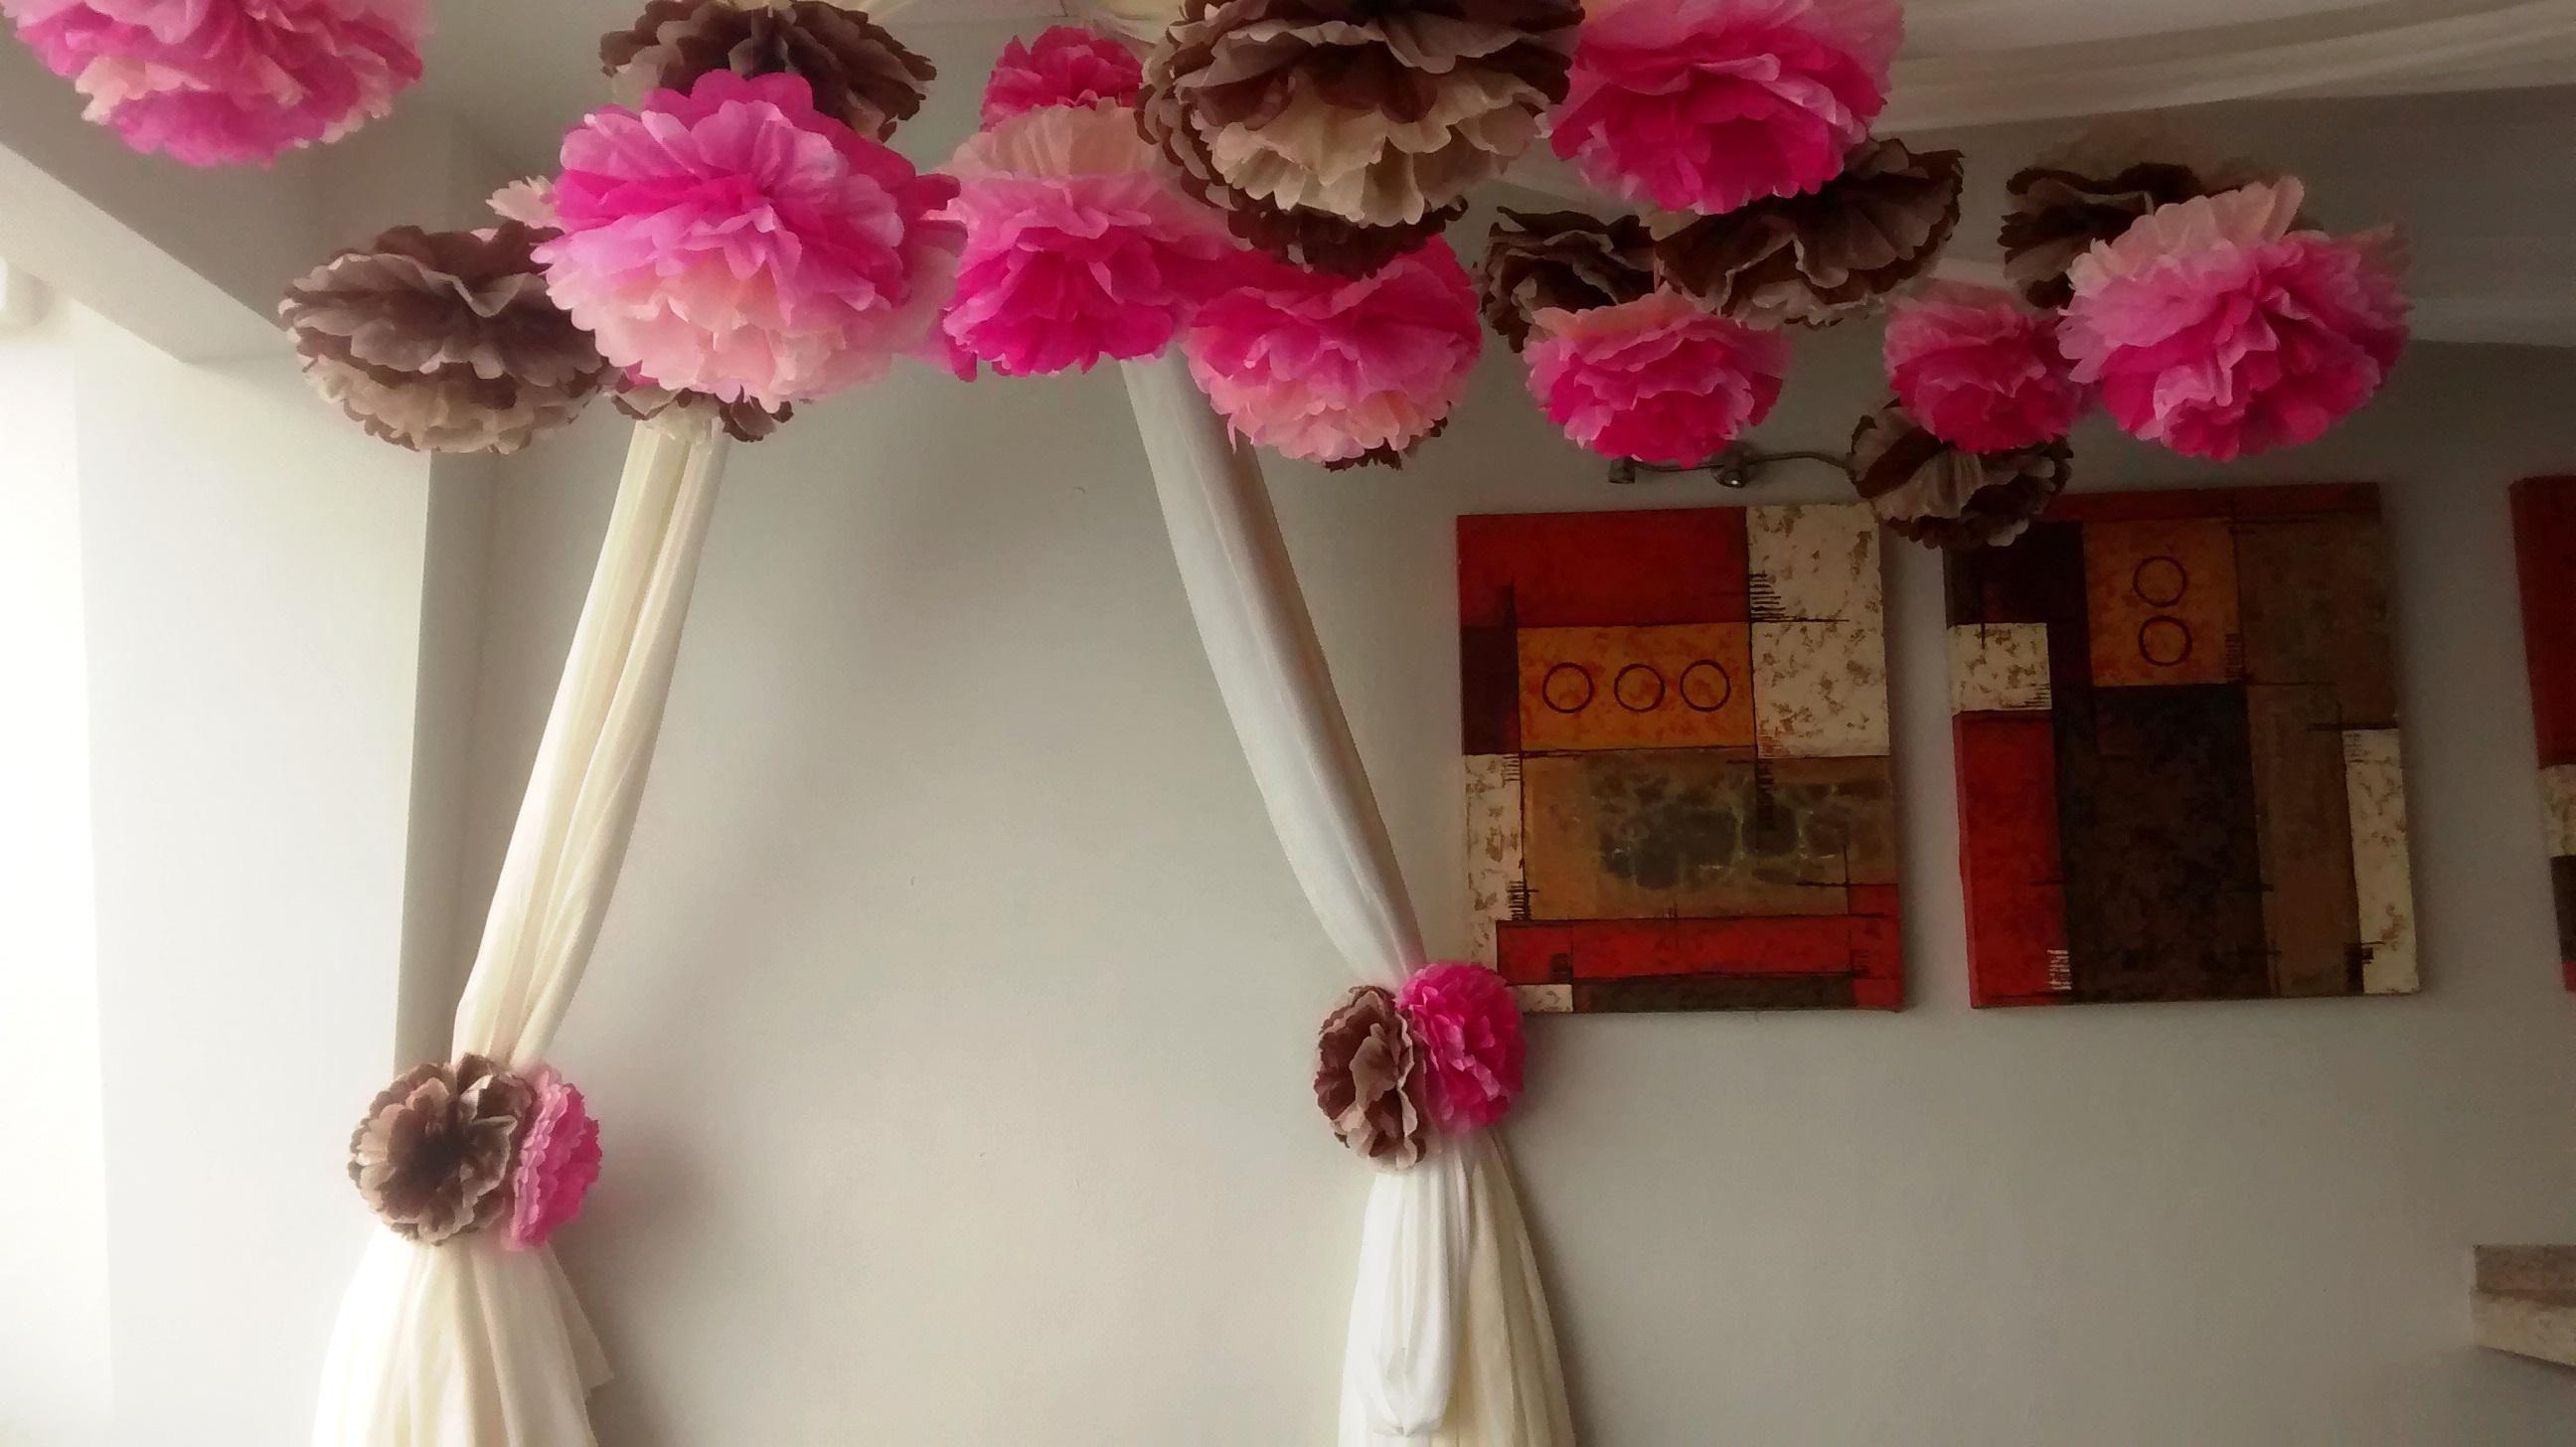 Decoracion con telas para 15 a os for Decoracion de pared para quinceanera